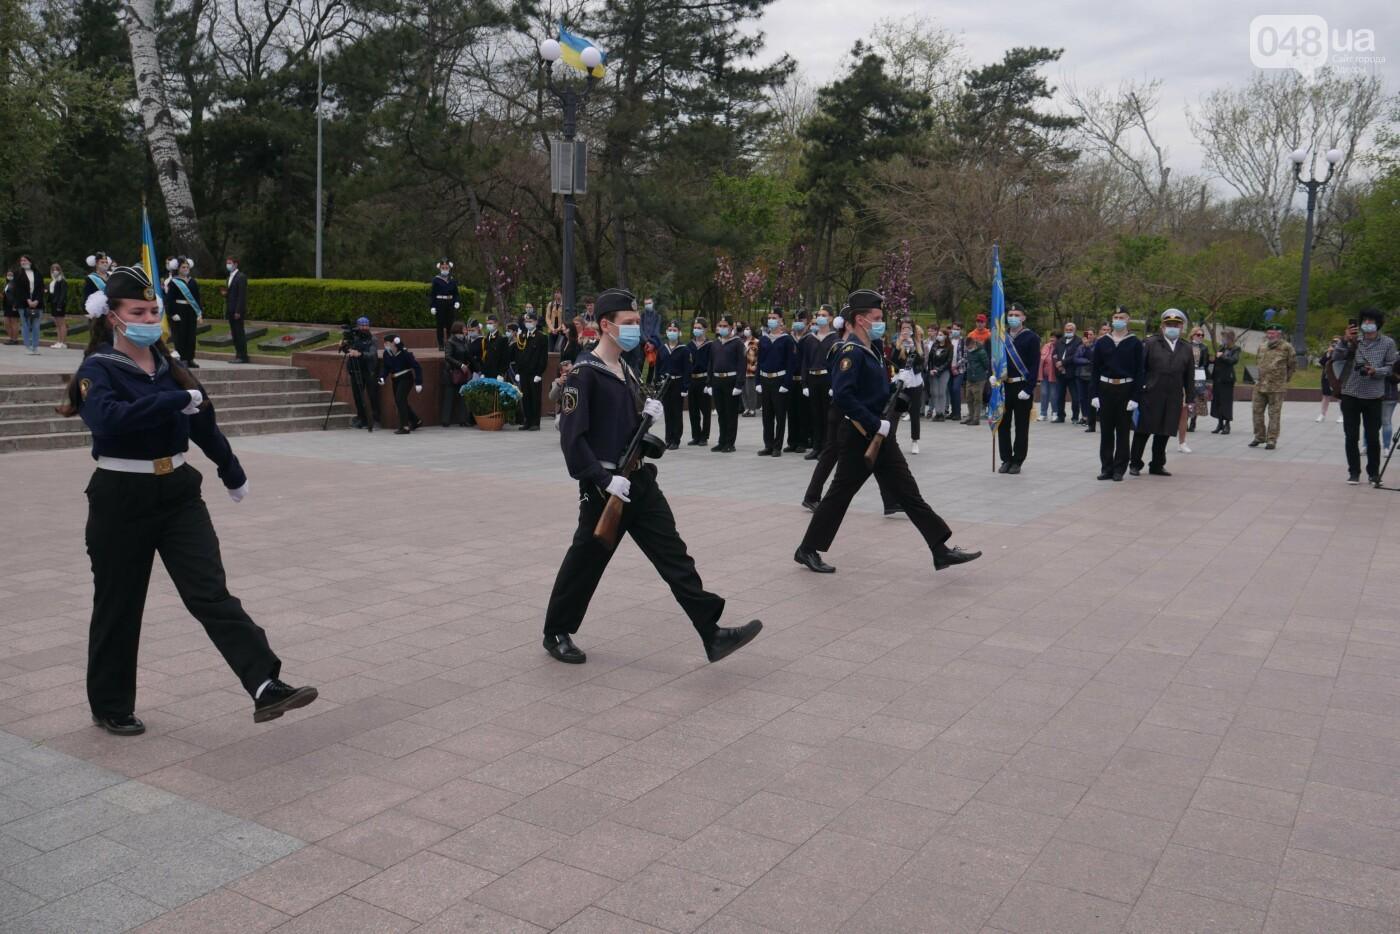 Бантики, гвоздики и маски: как школьники Одессы маршировали ко Дню Победы, - ФОТОРЕПОРТАЖ, фото-14